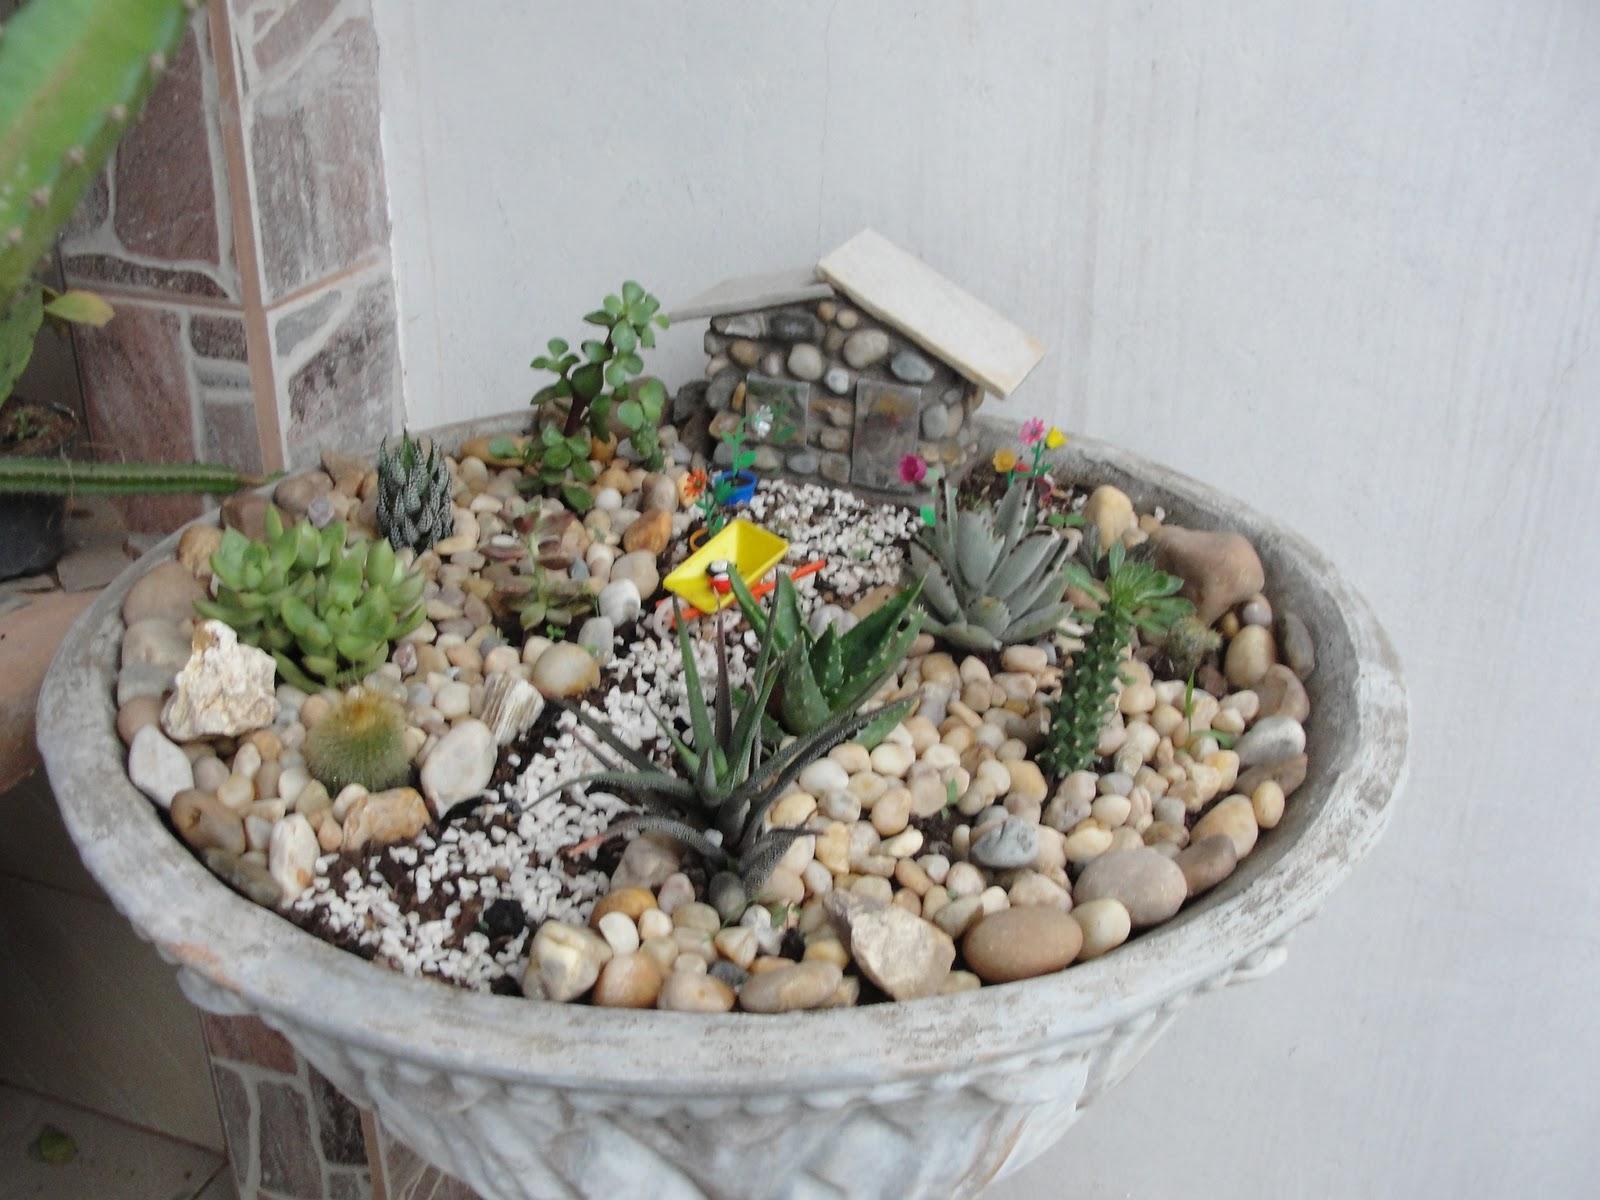 artesanato mini jardim : artesanato mini jardim:ARTE DO TONINHO: MINI JARDIM